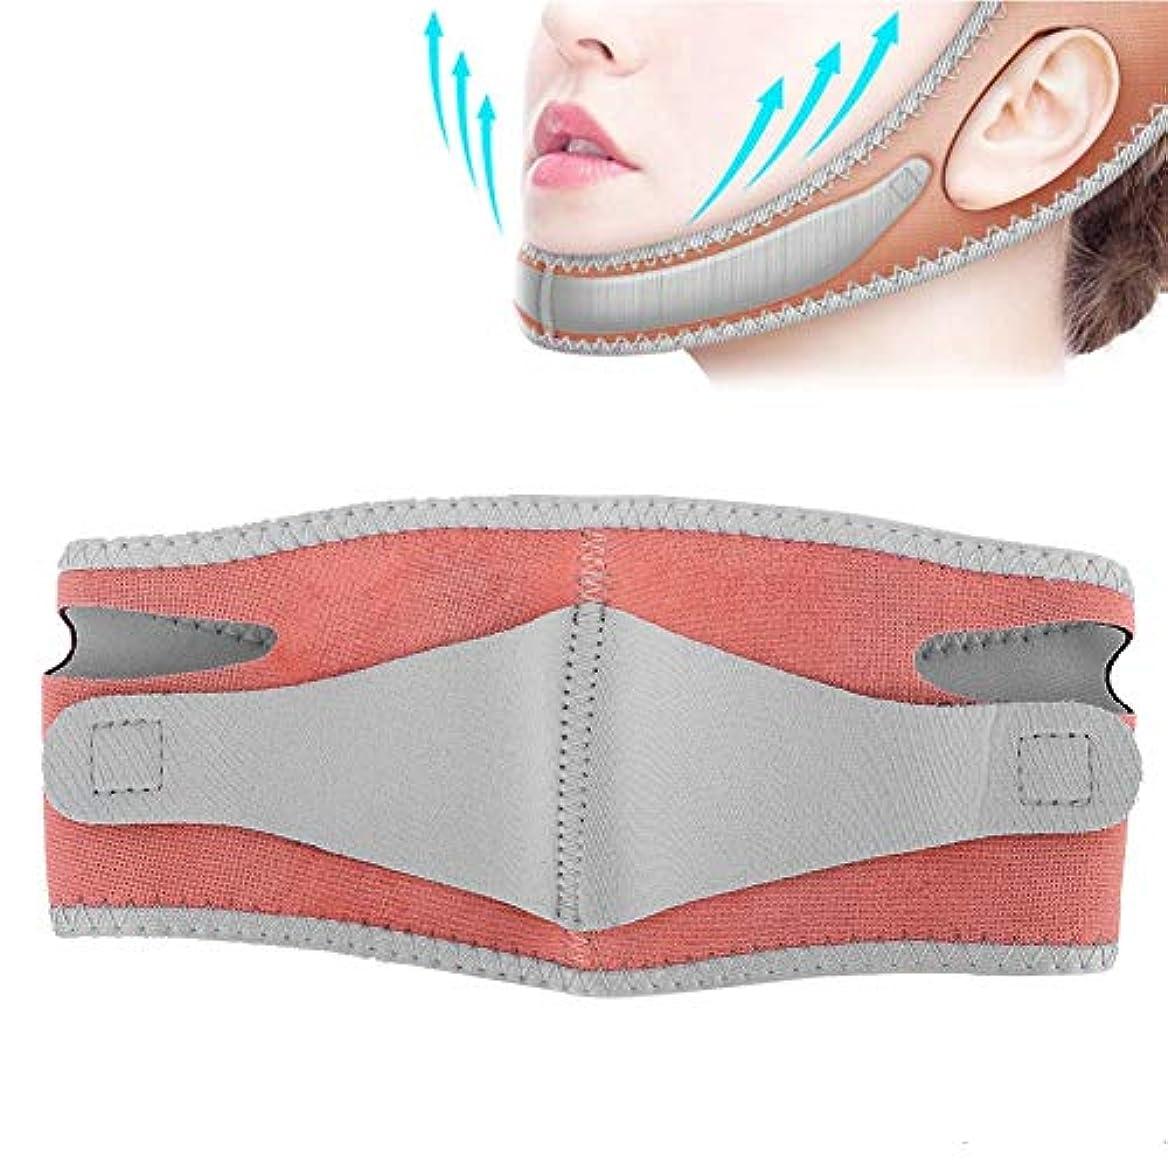 つなぐ発表する虚弱薄い顔包帯顔、Vフェイスラインスリムダブルチンチークスリムリフトアップ引き締まった肌防止マスクあなたが顔の肌を引き締めるのに役立ちます